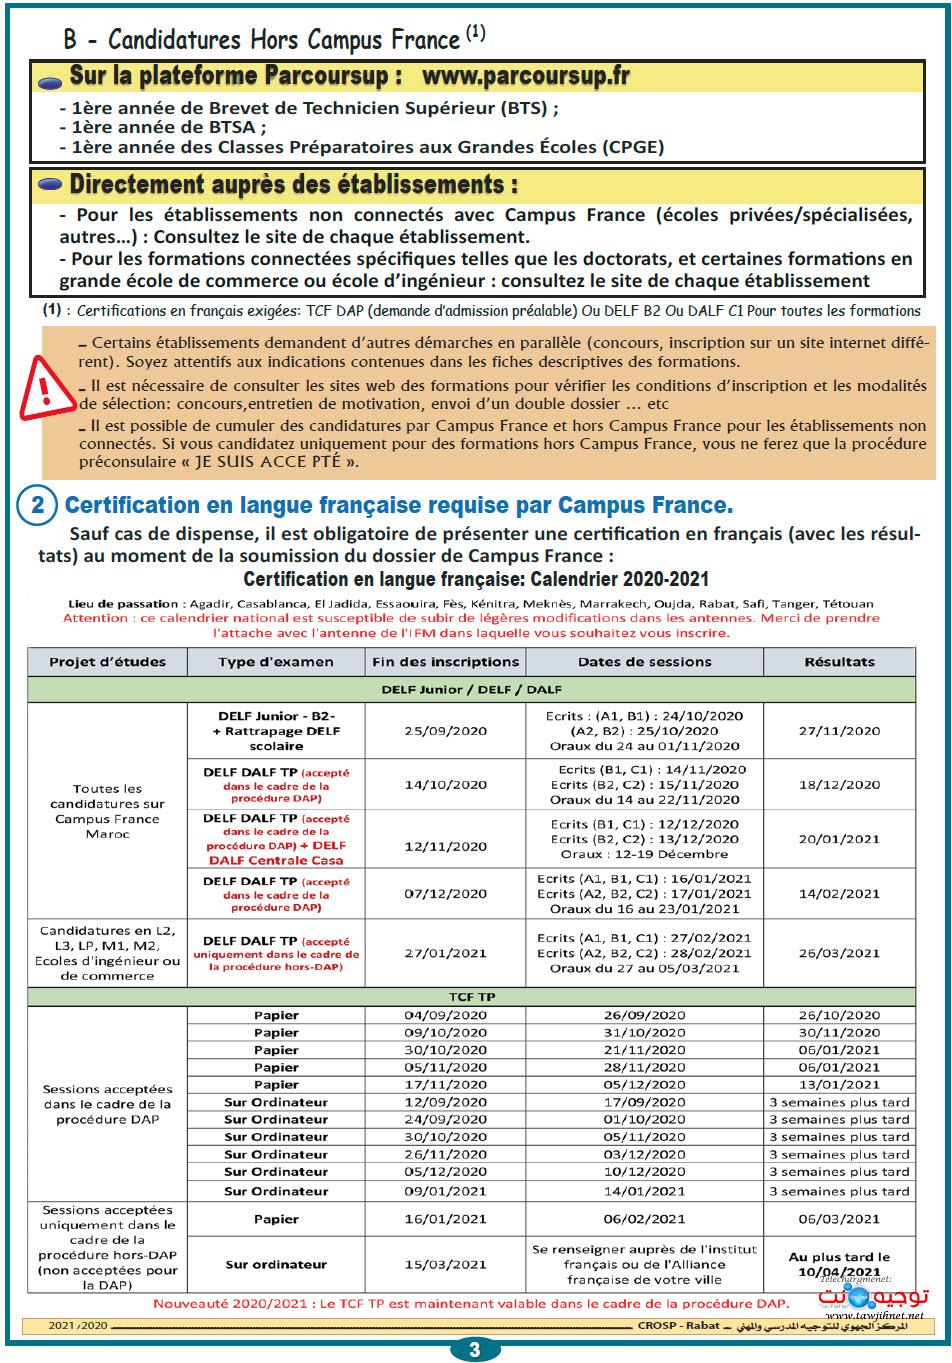 Etudies-Etranger-espagne-allemagne-usa-canda-france-crosp-rabat-2021-2022_Page_3.jpg